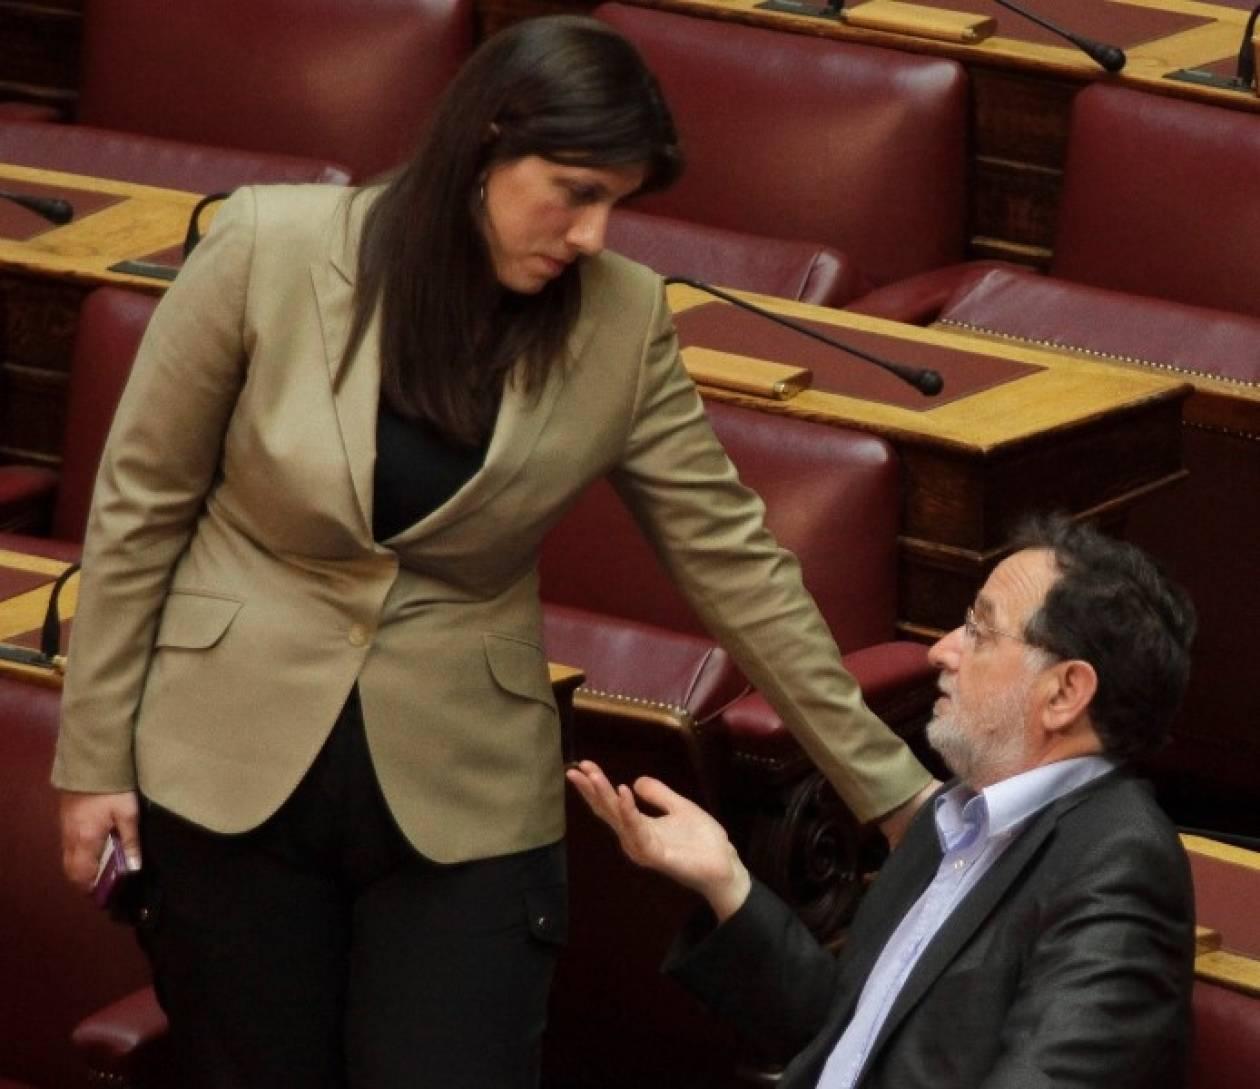 ΣΥΡΙΖΑ: «Παρών» στην τροπολογία για τις αποδοχές των δικαστικών λειτουργών